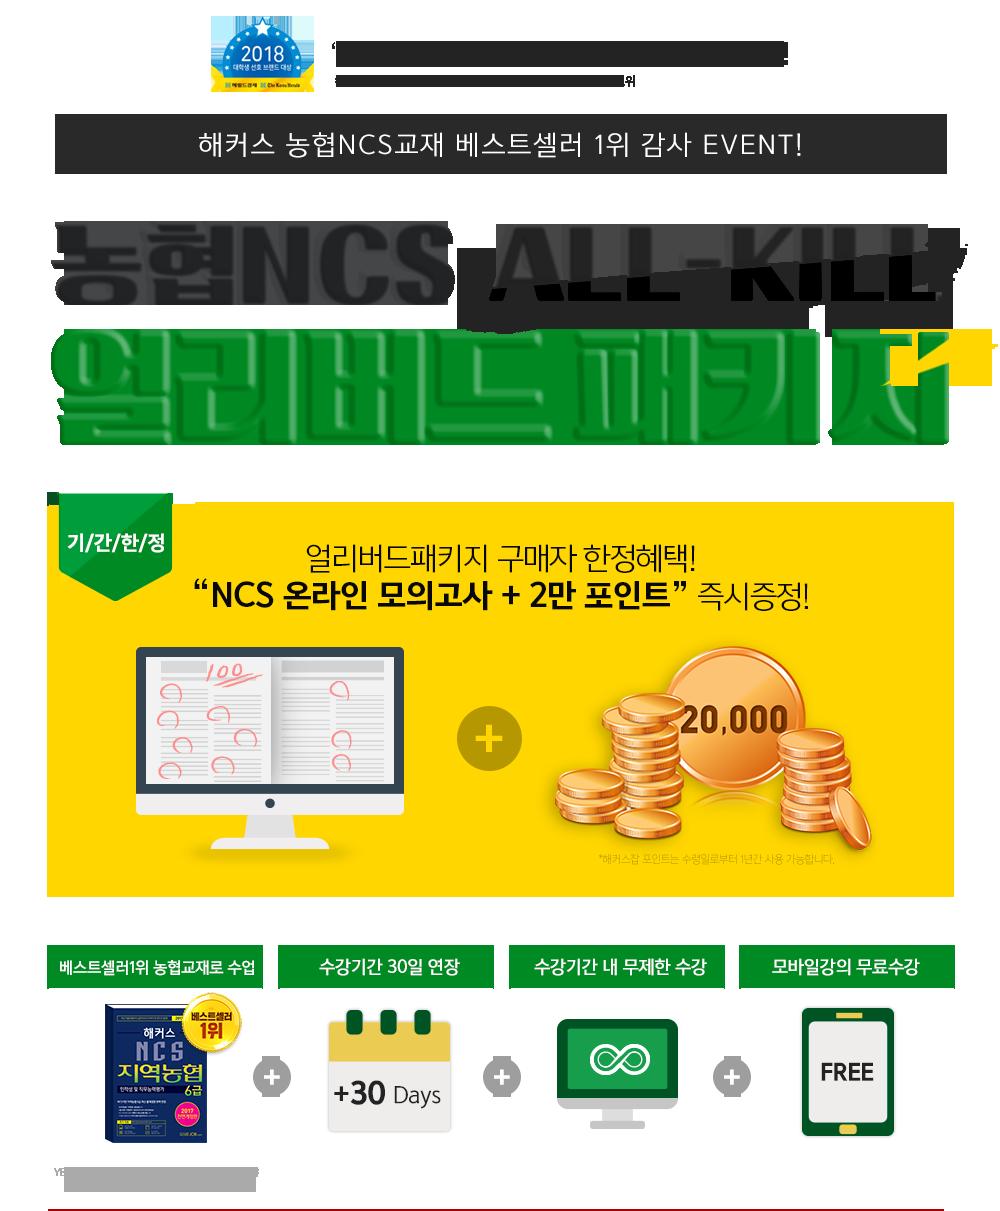 2017 해커스 농협 nhat ncs 인적성 후기 추천